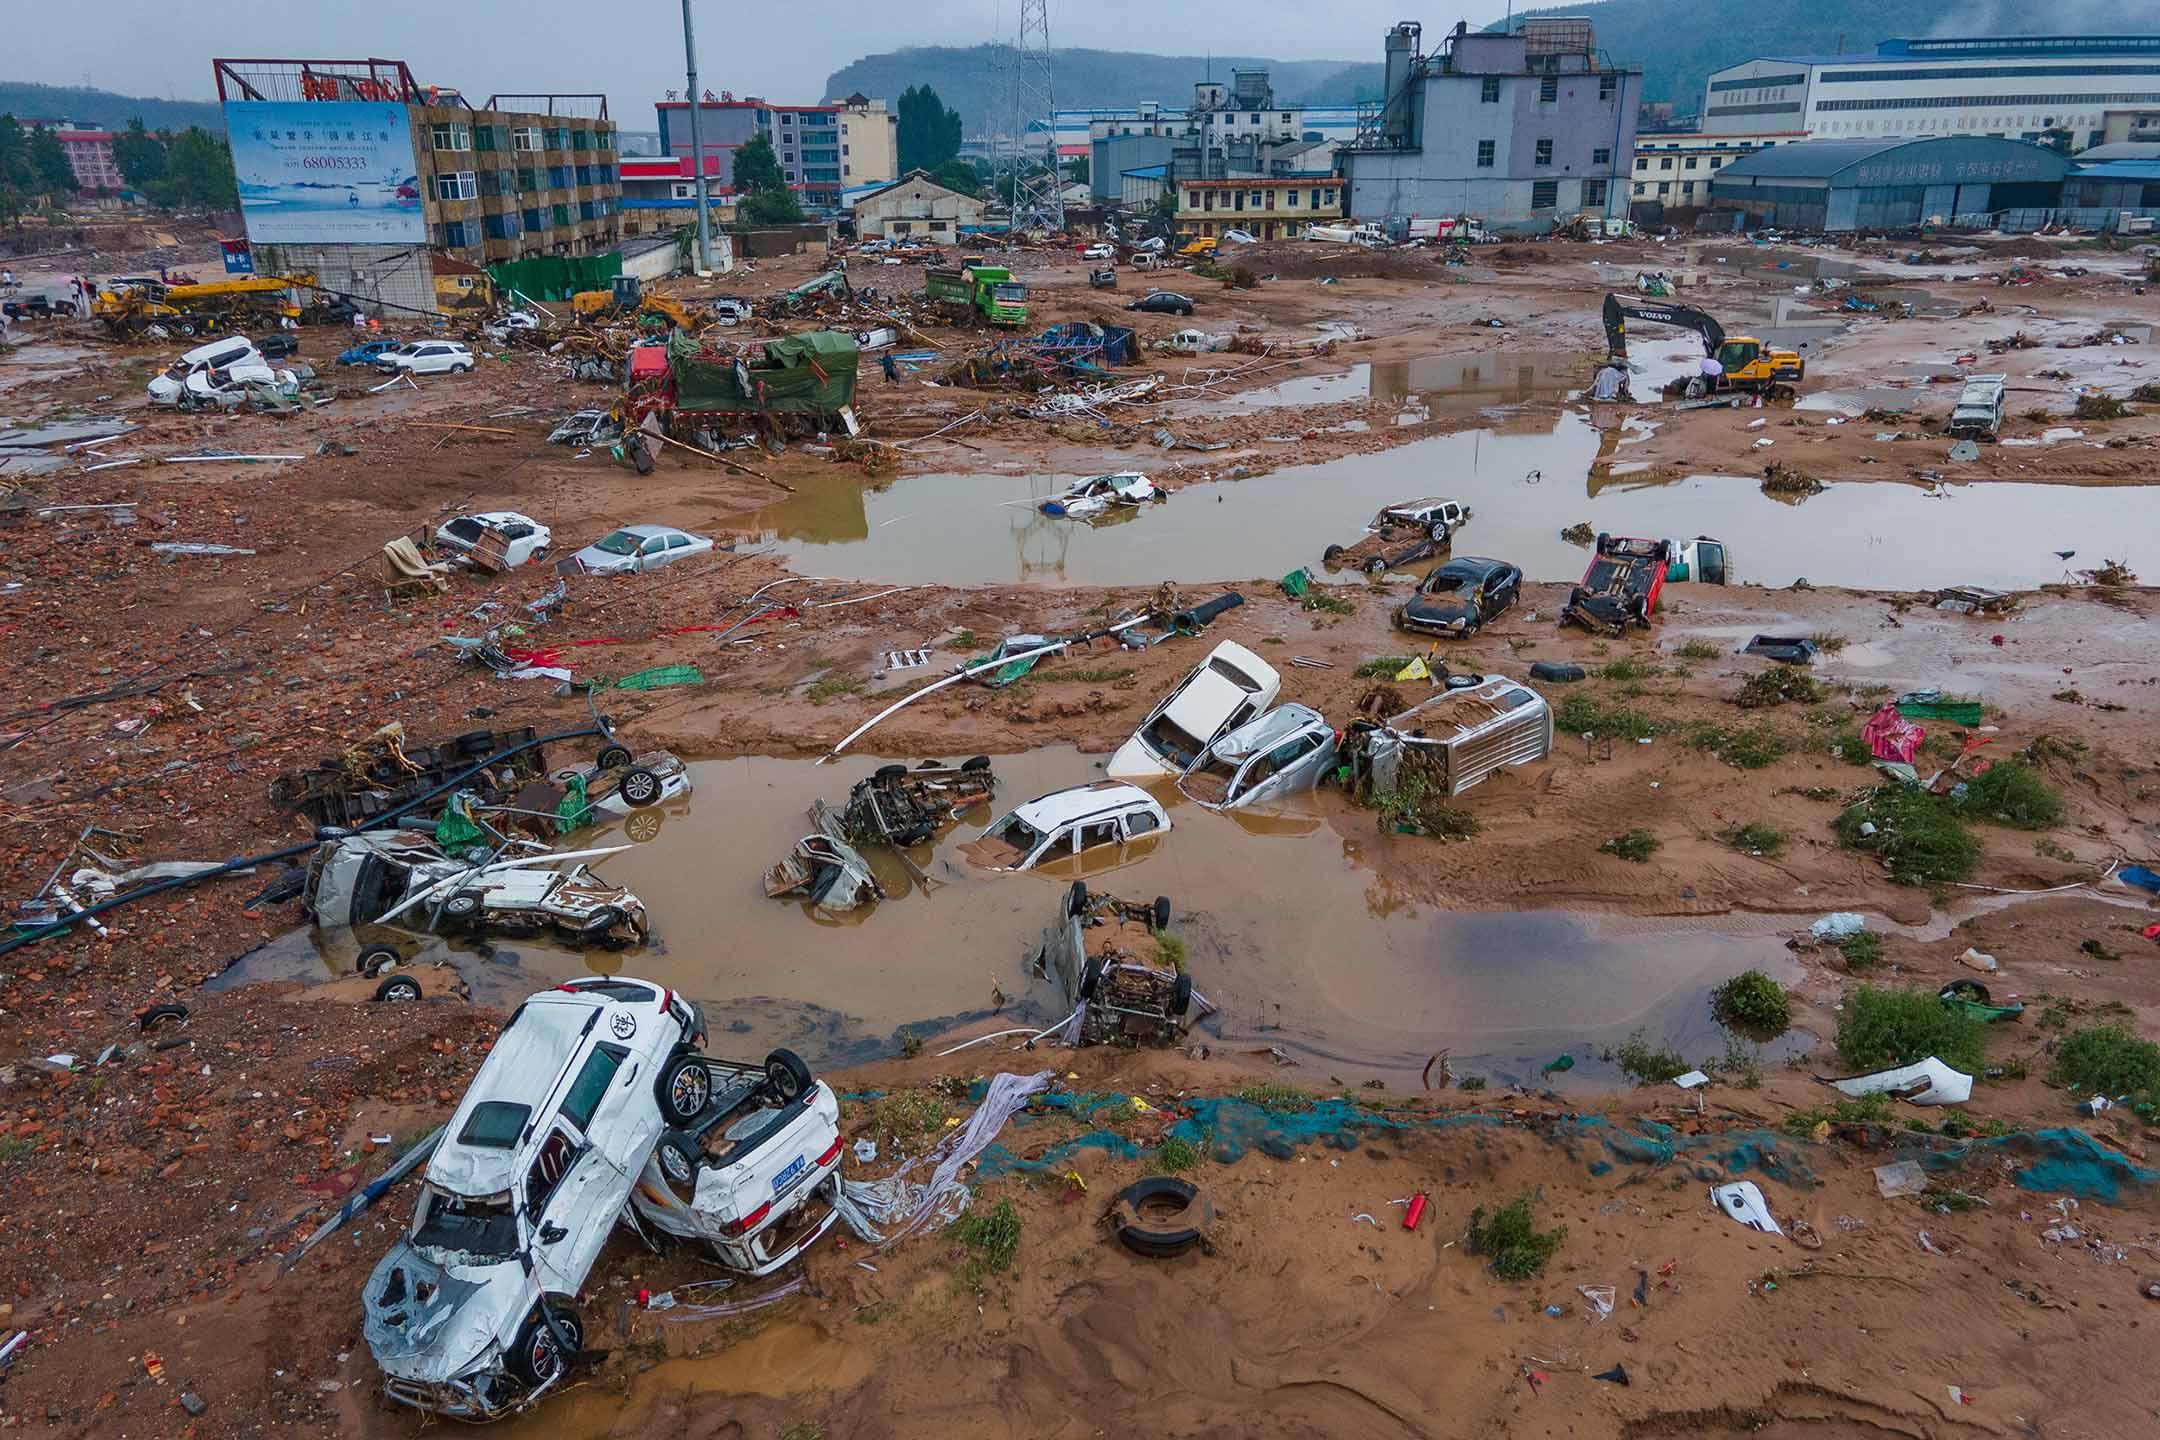 2021年7月21日中國河南省鞏義市被洪水淹沒。